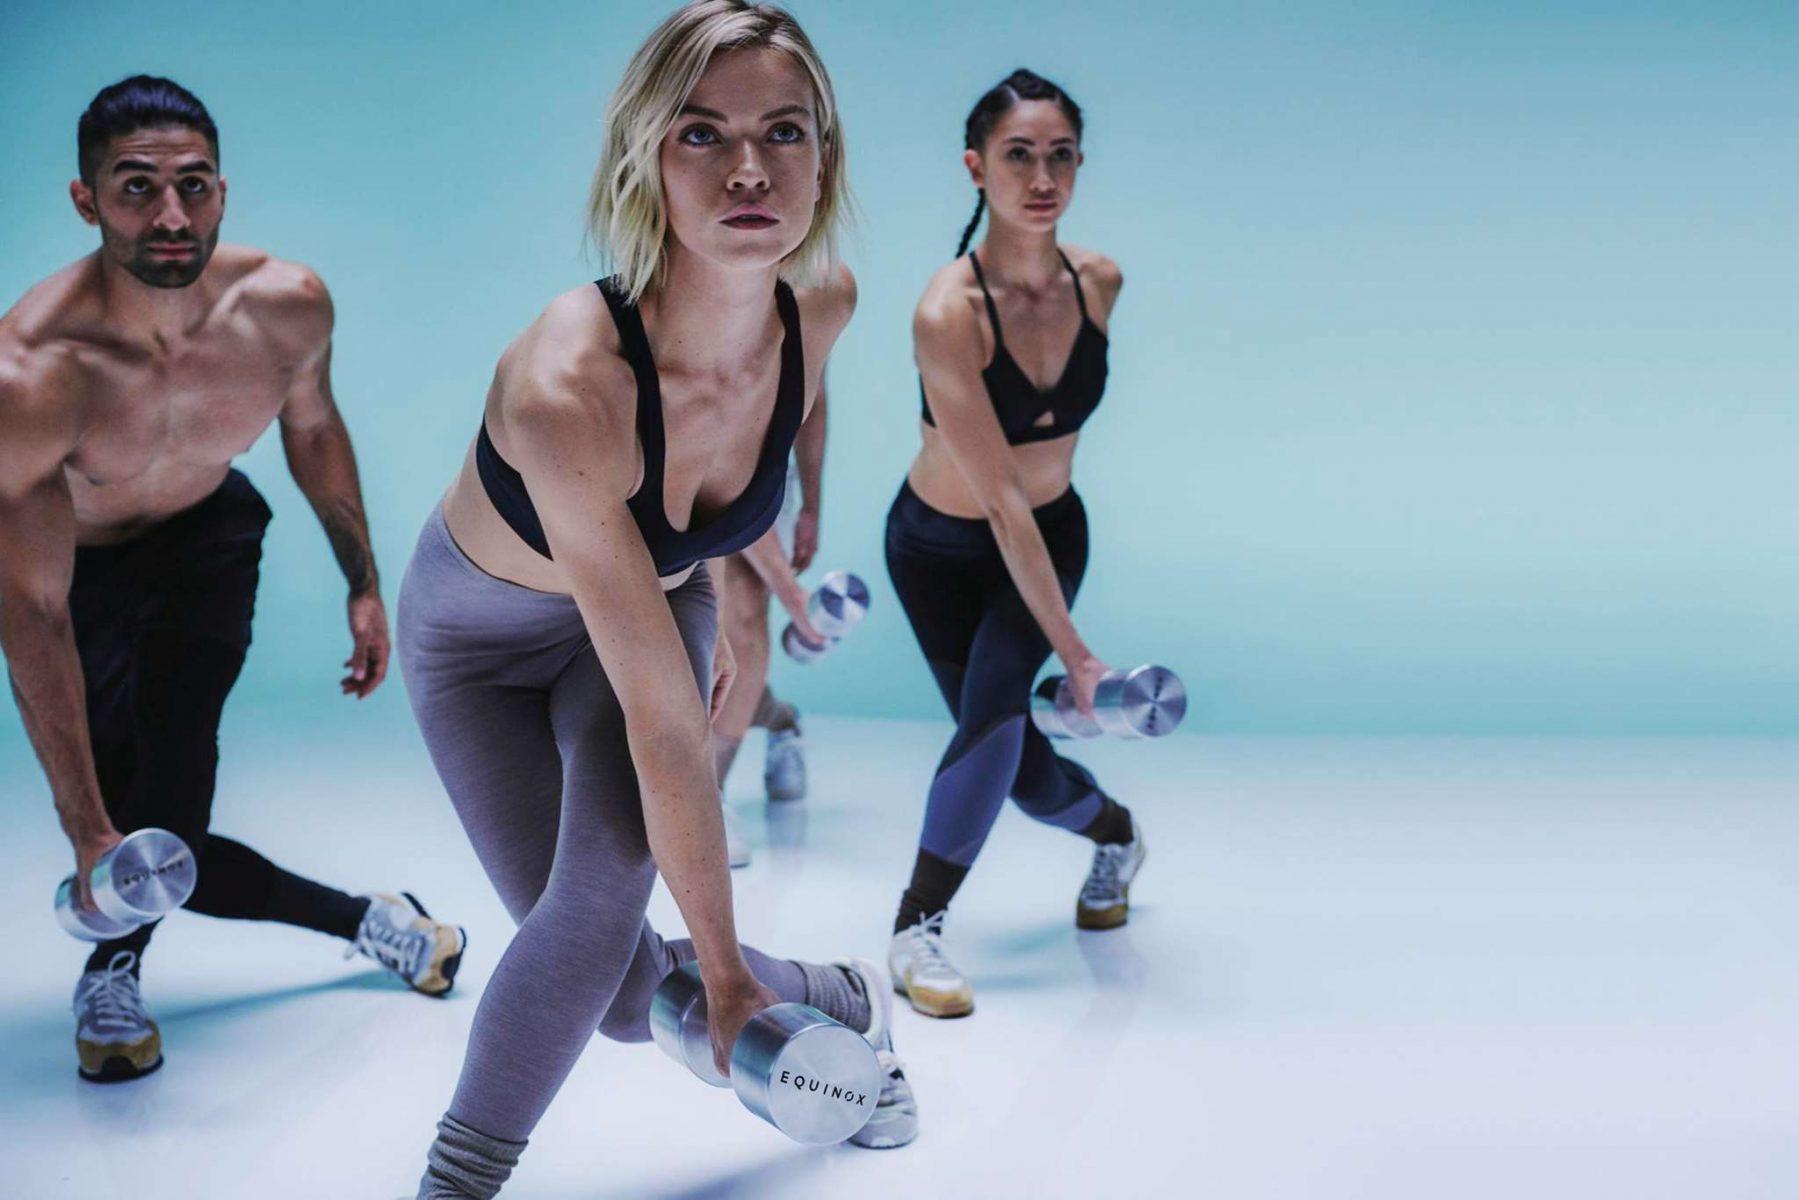 Άσκηση: Μείνε Fitness και δες τα προνόμια στη ζωή σου